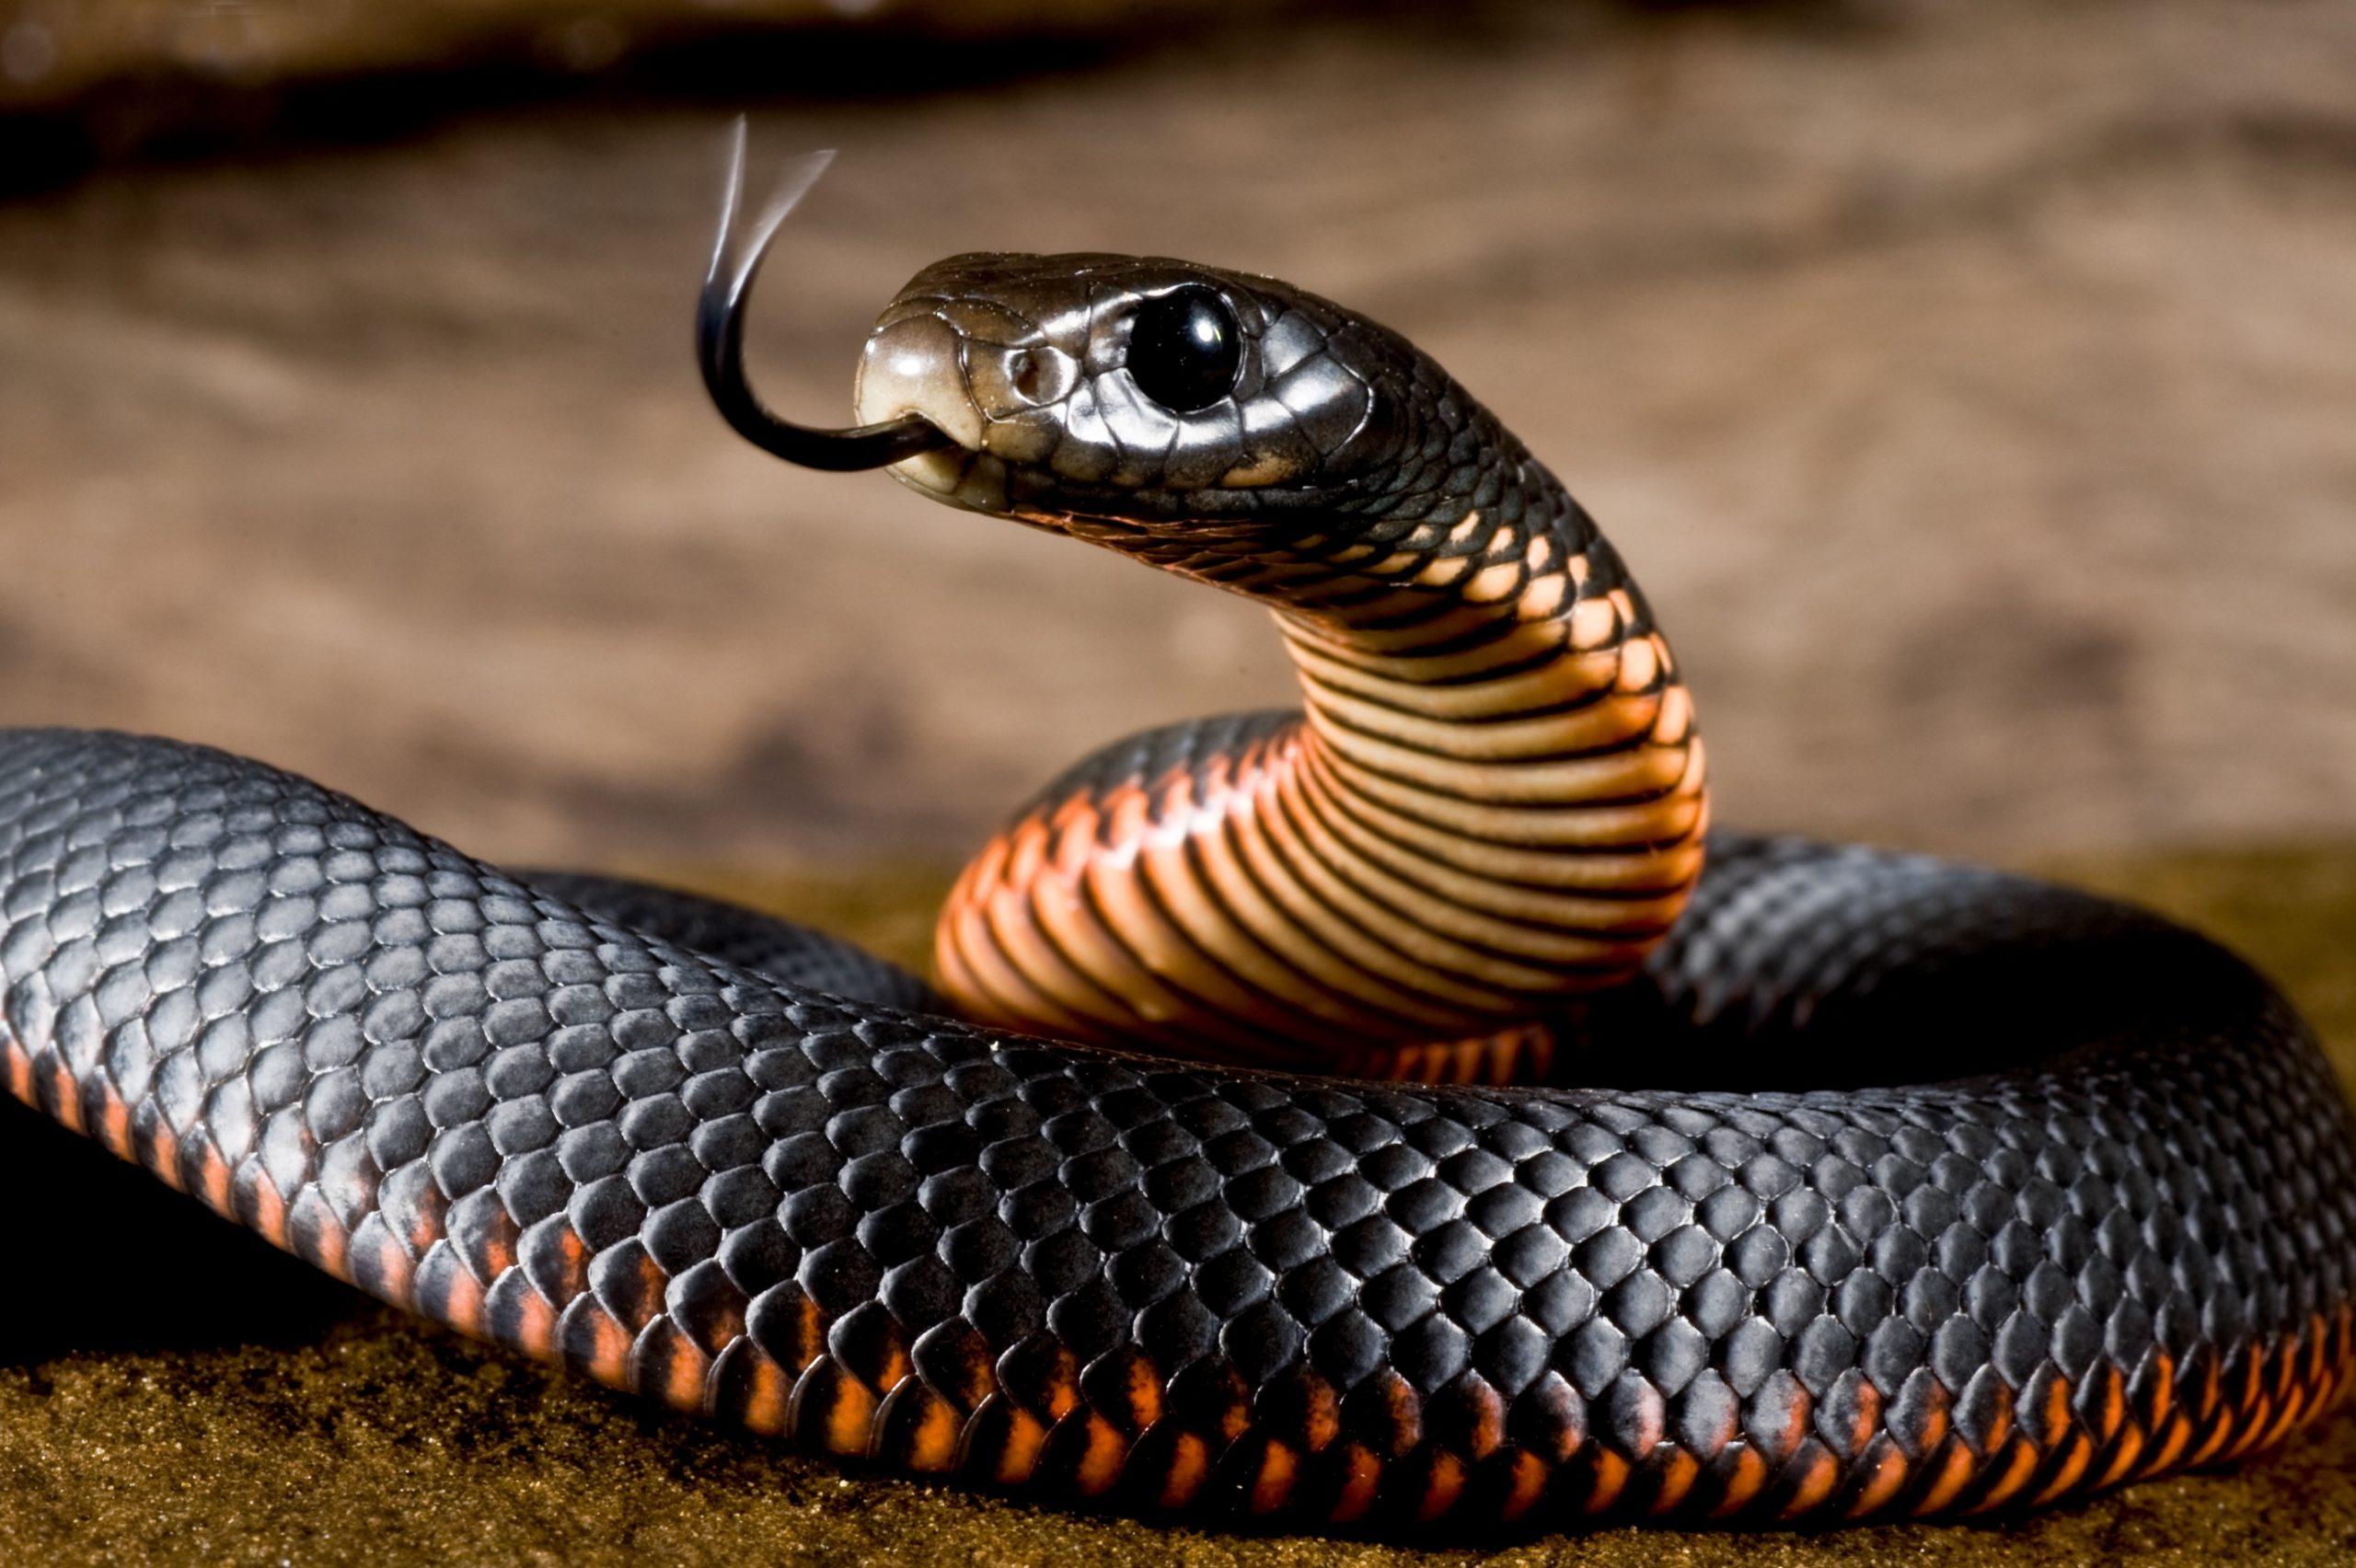 Интересные факты о змеях, распространение, образ жизни, размножение